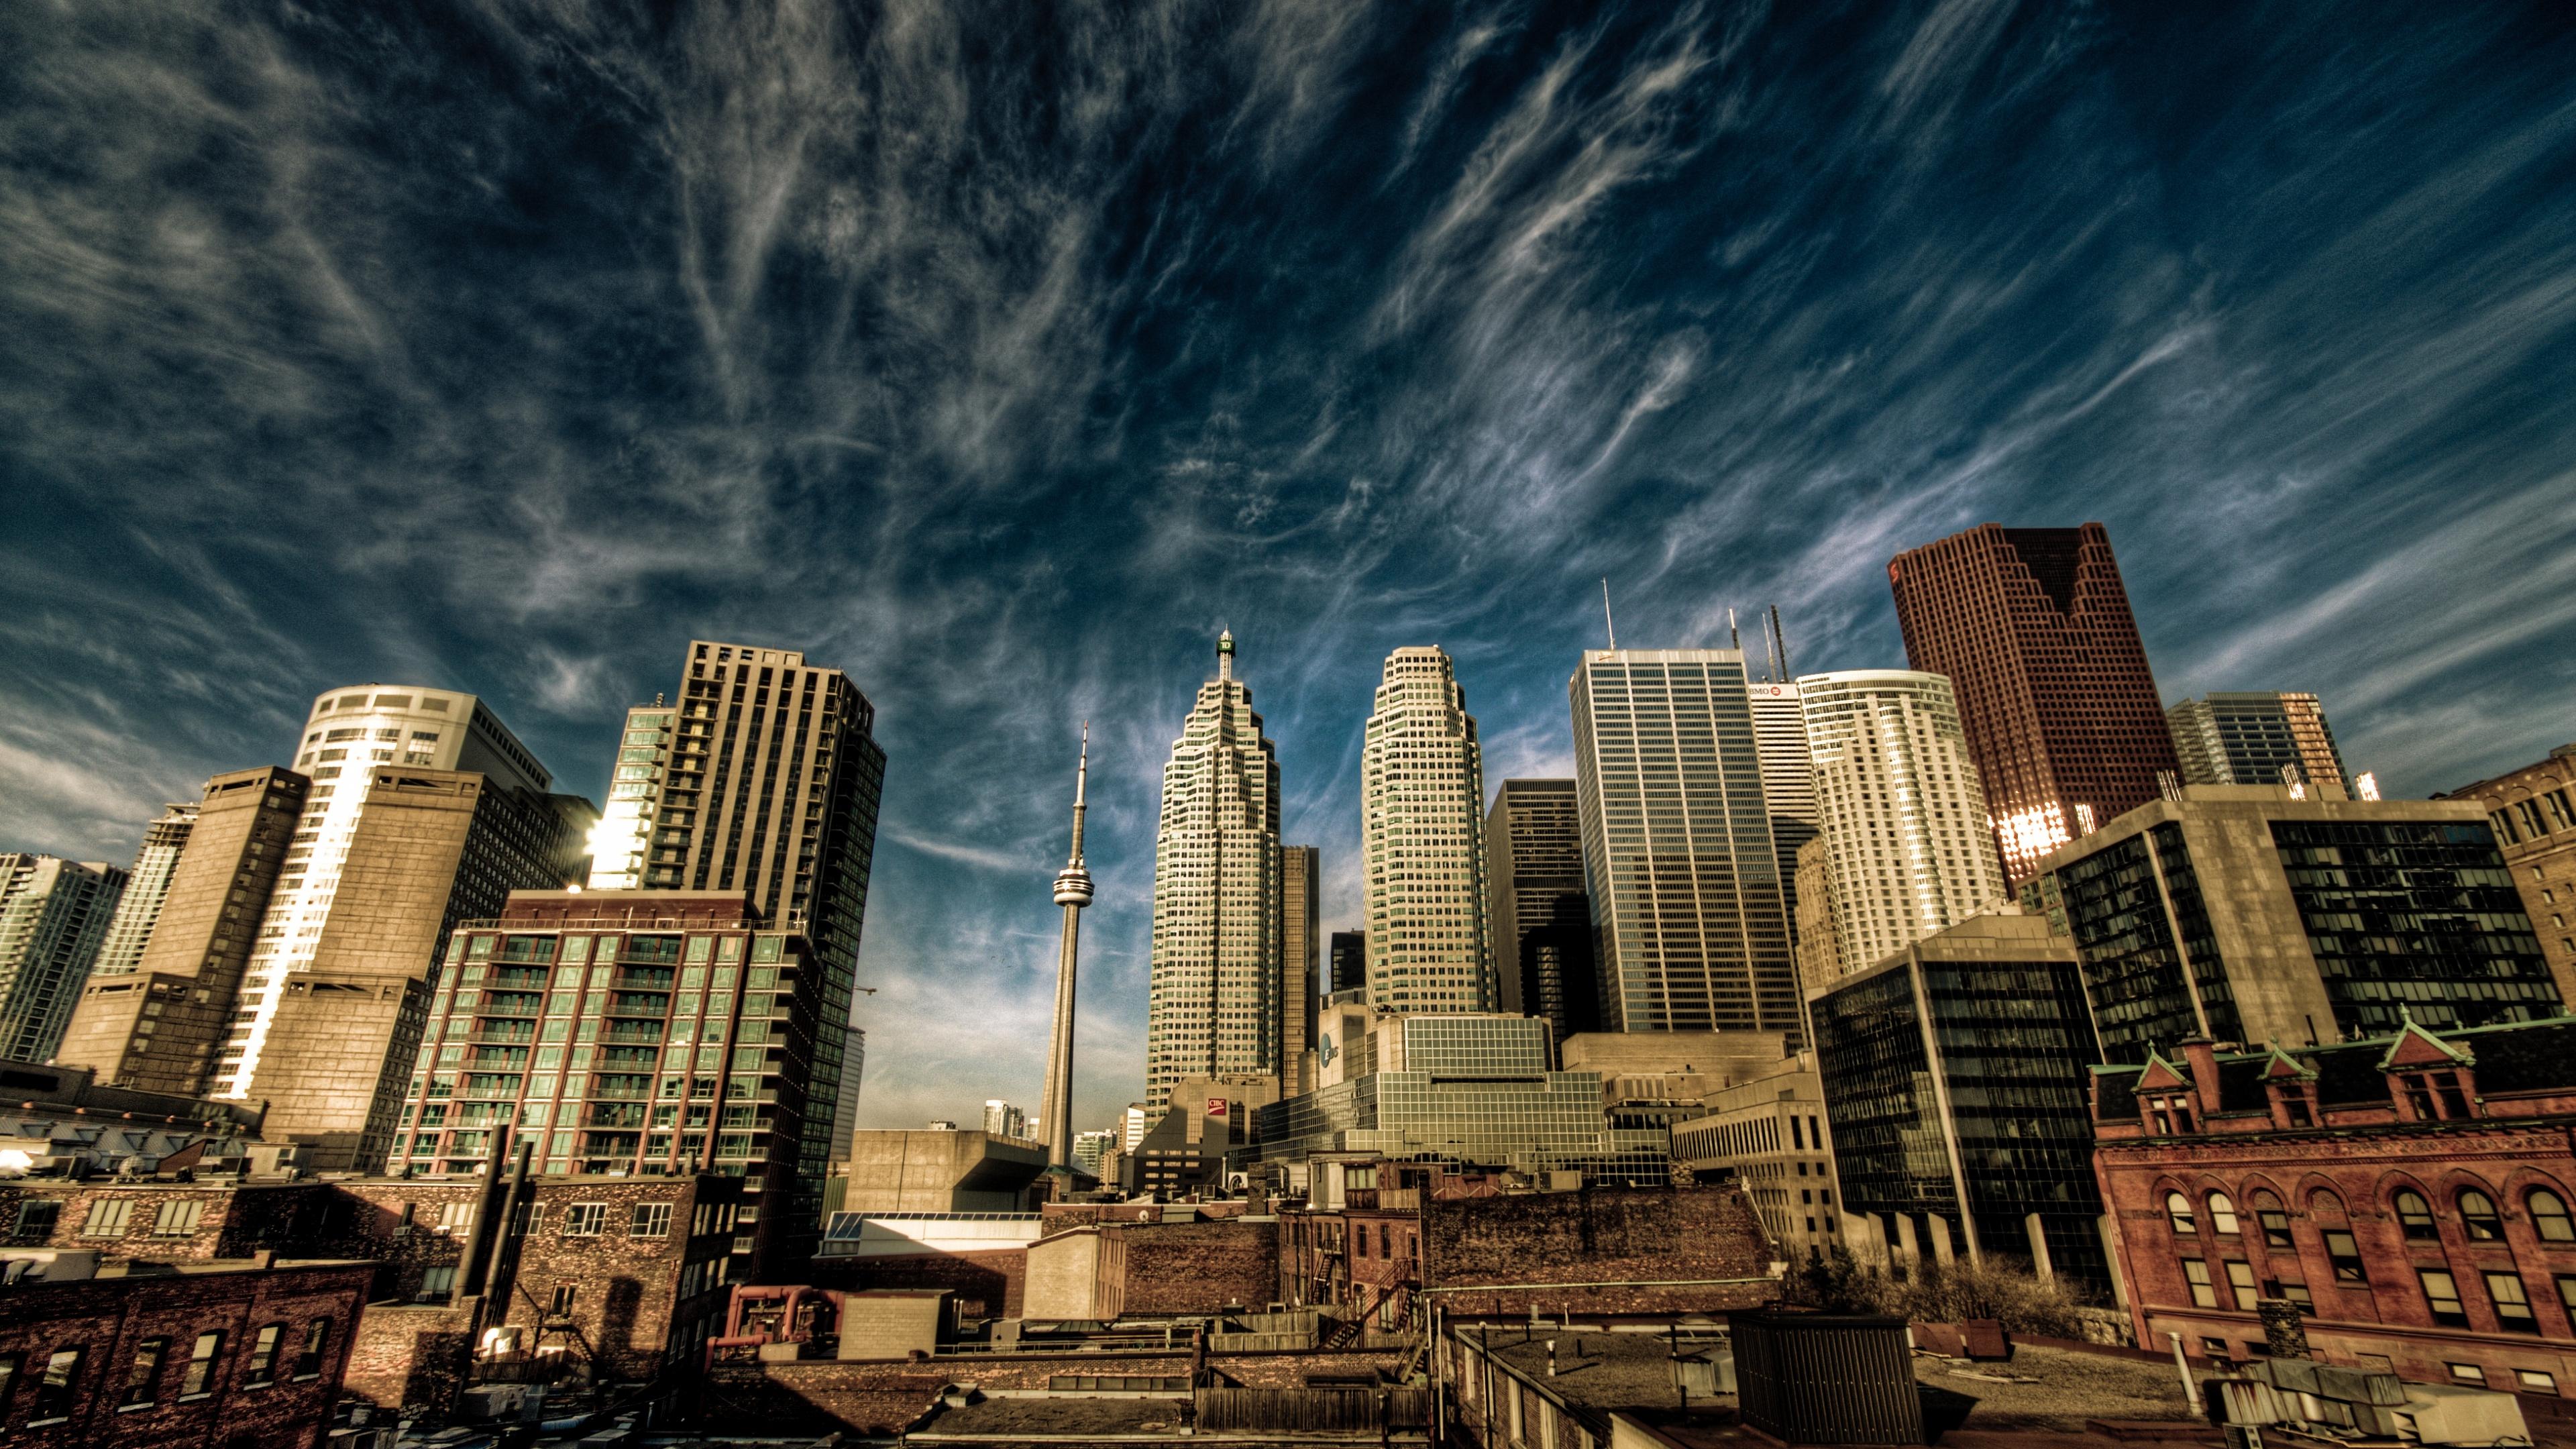 city_toronto_canada_sky_clouds_houses_58869_3840x2160